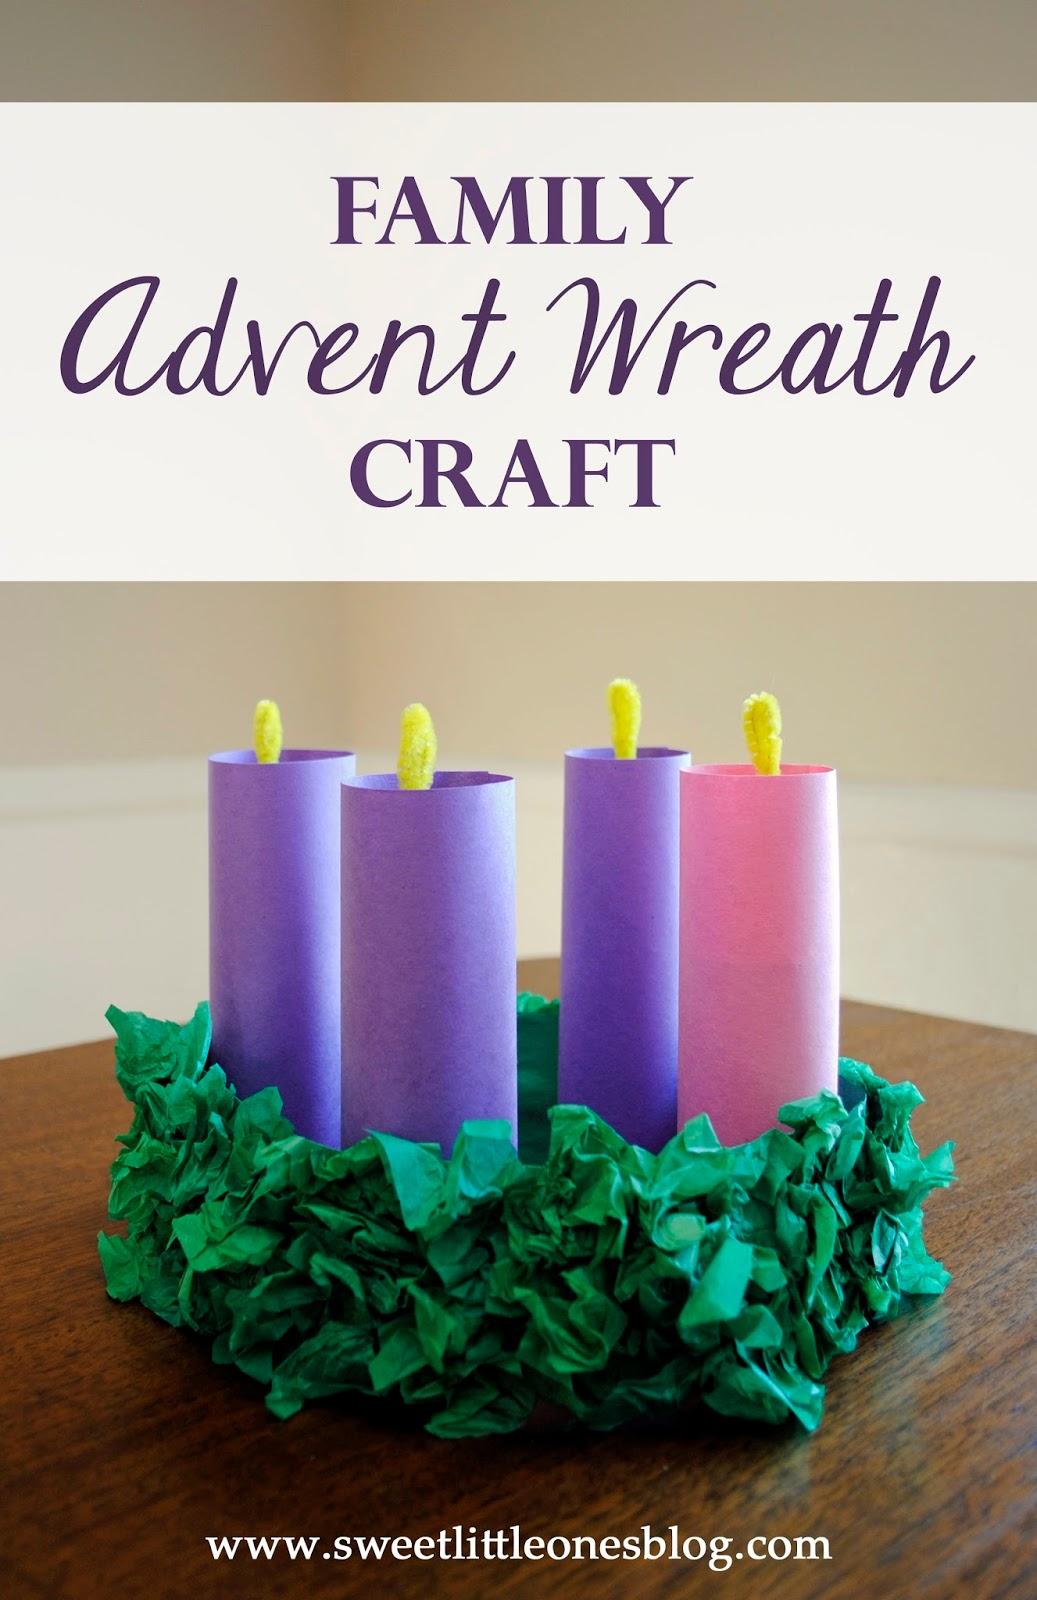 Printable templates for advent crafts for preschool, kindergarten and gradeschool kids.